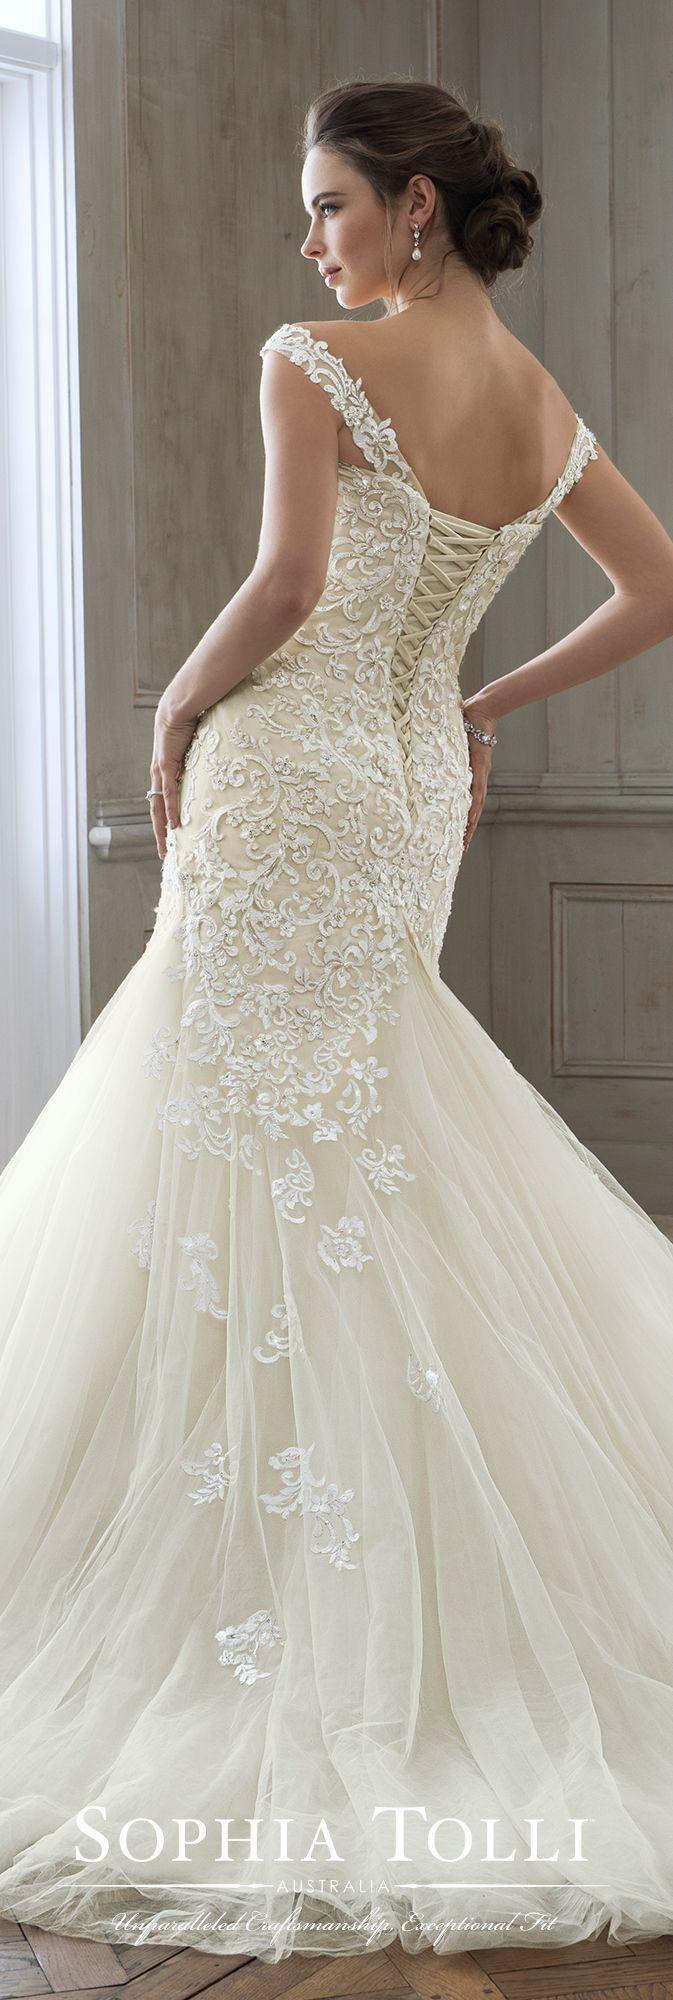 Hochzeit - Sophia Tolli Wedding Gowns - Y11884 Eleni